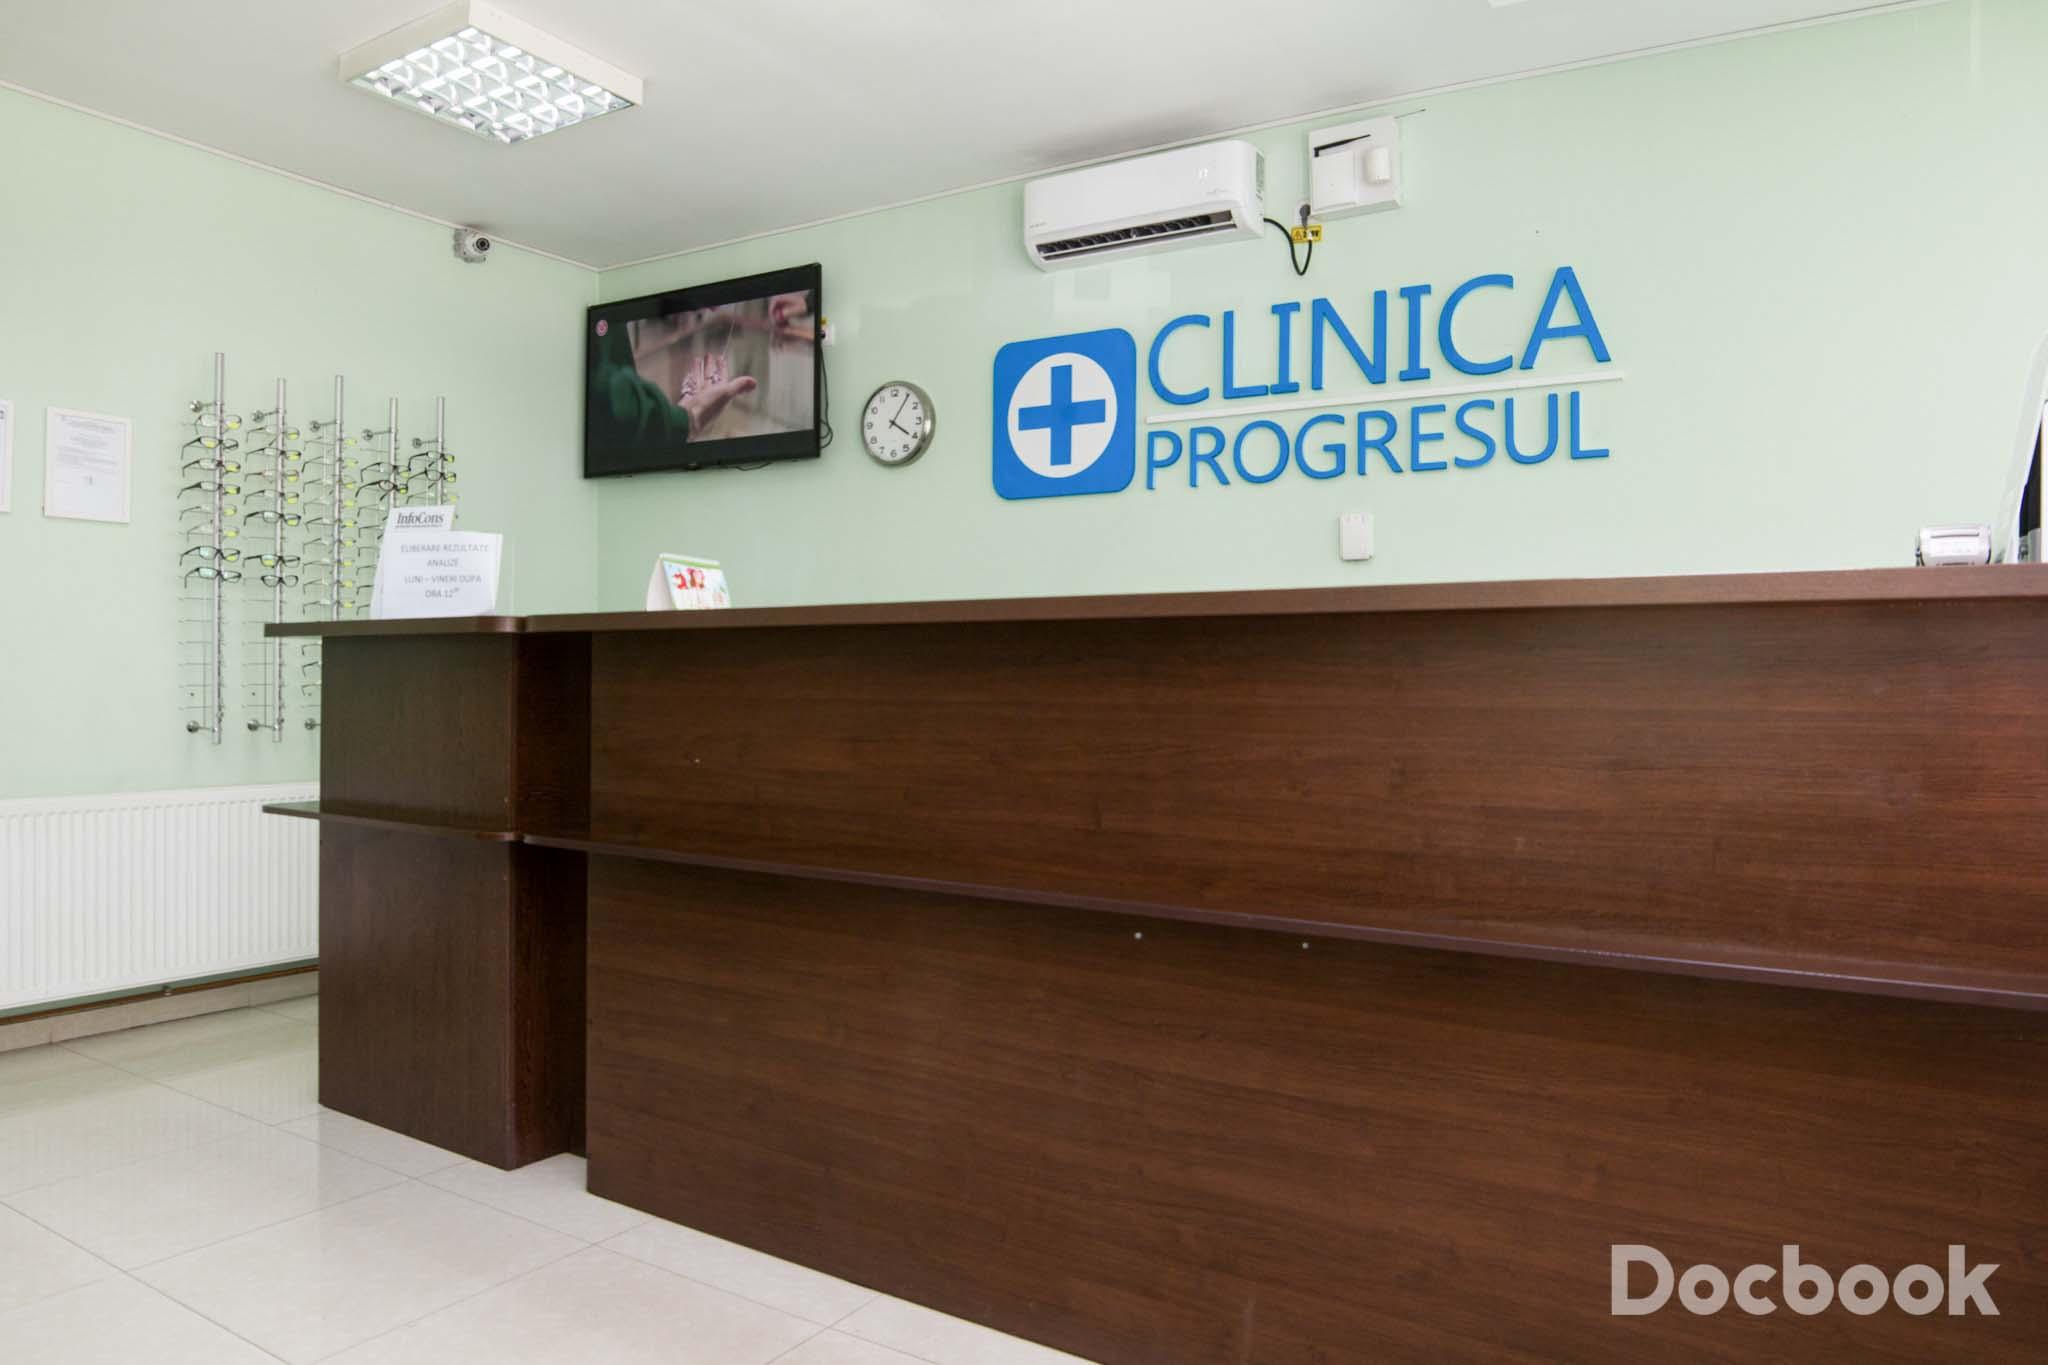 Clinica Clinica Progresul